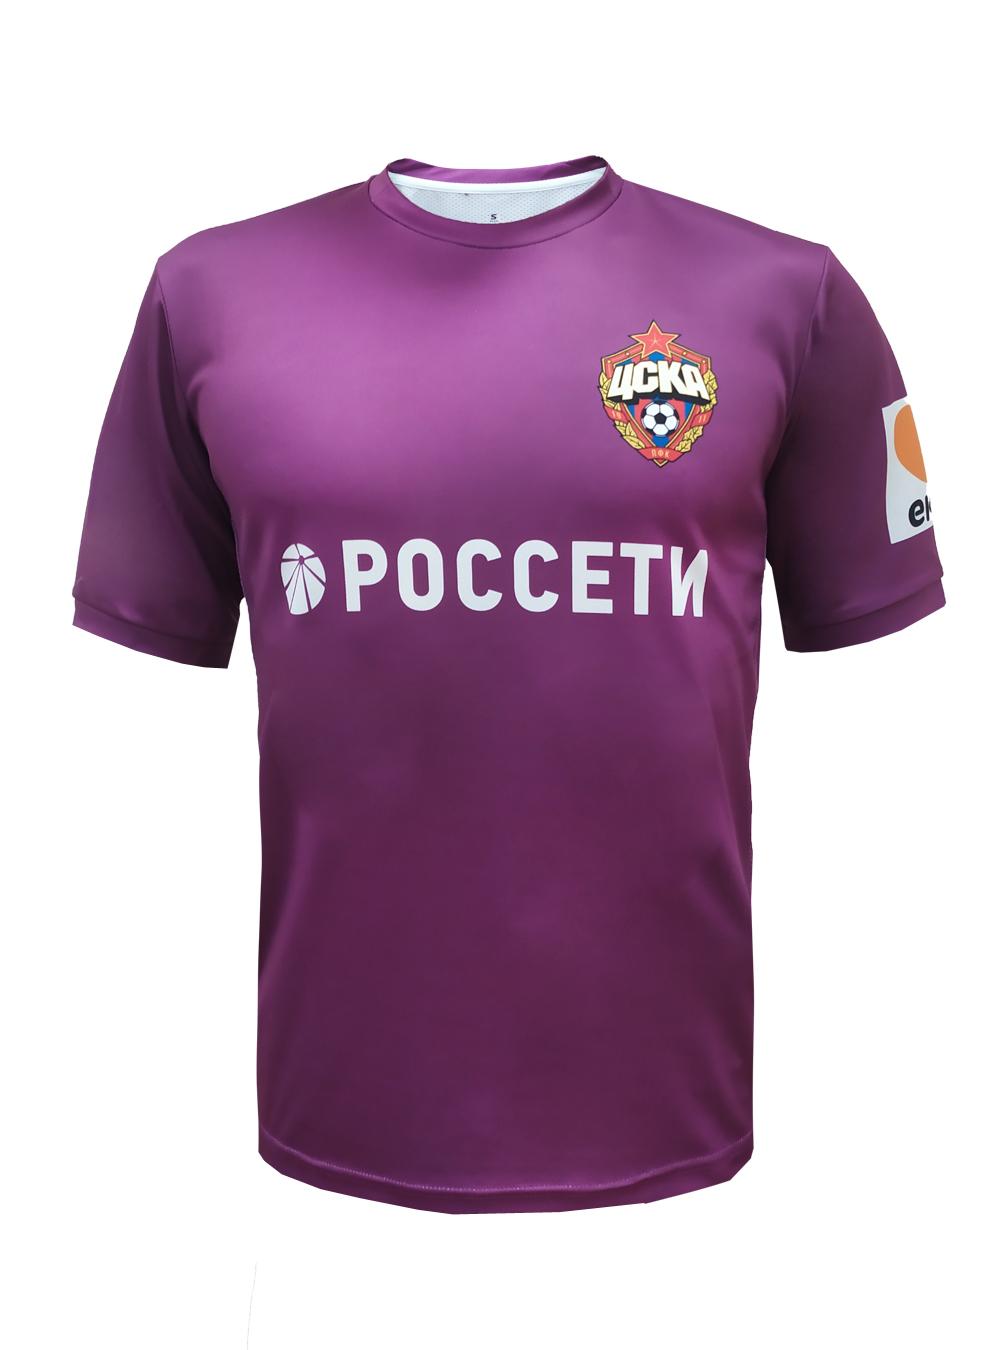 Свитер вратарский детский реплика 2019/2020, цвет фиолетовый (164) фото